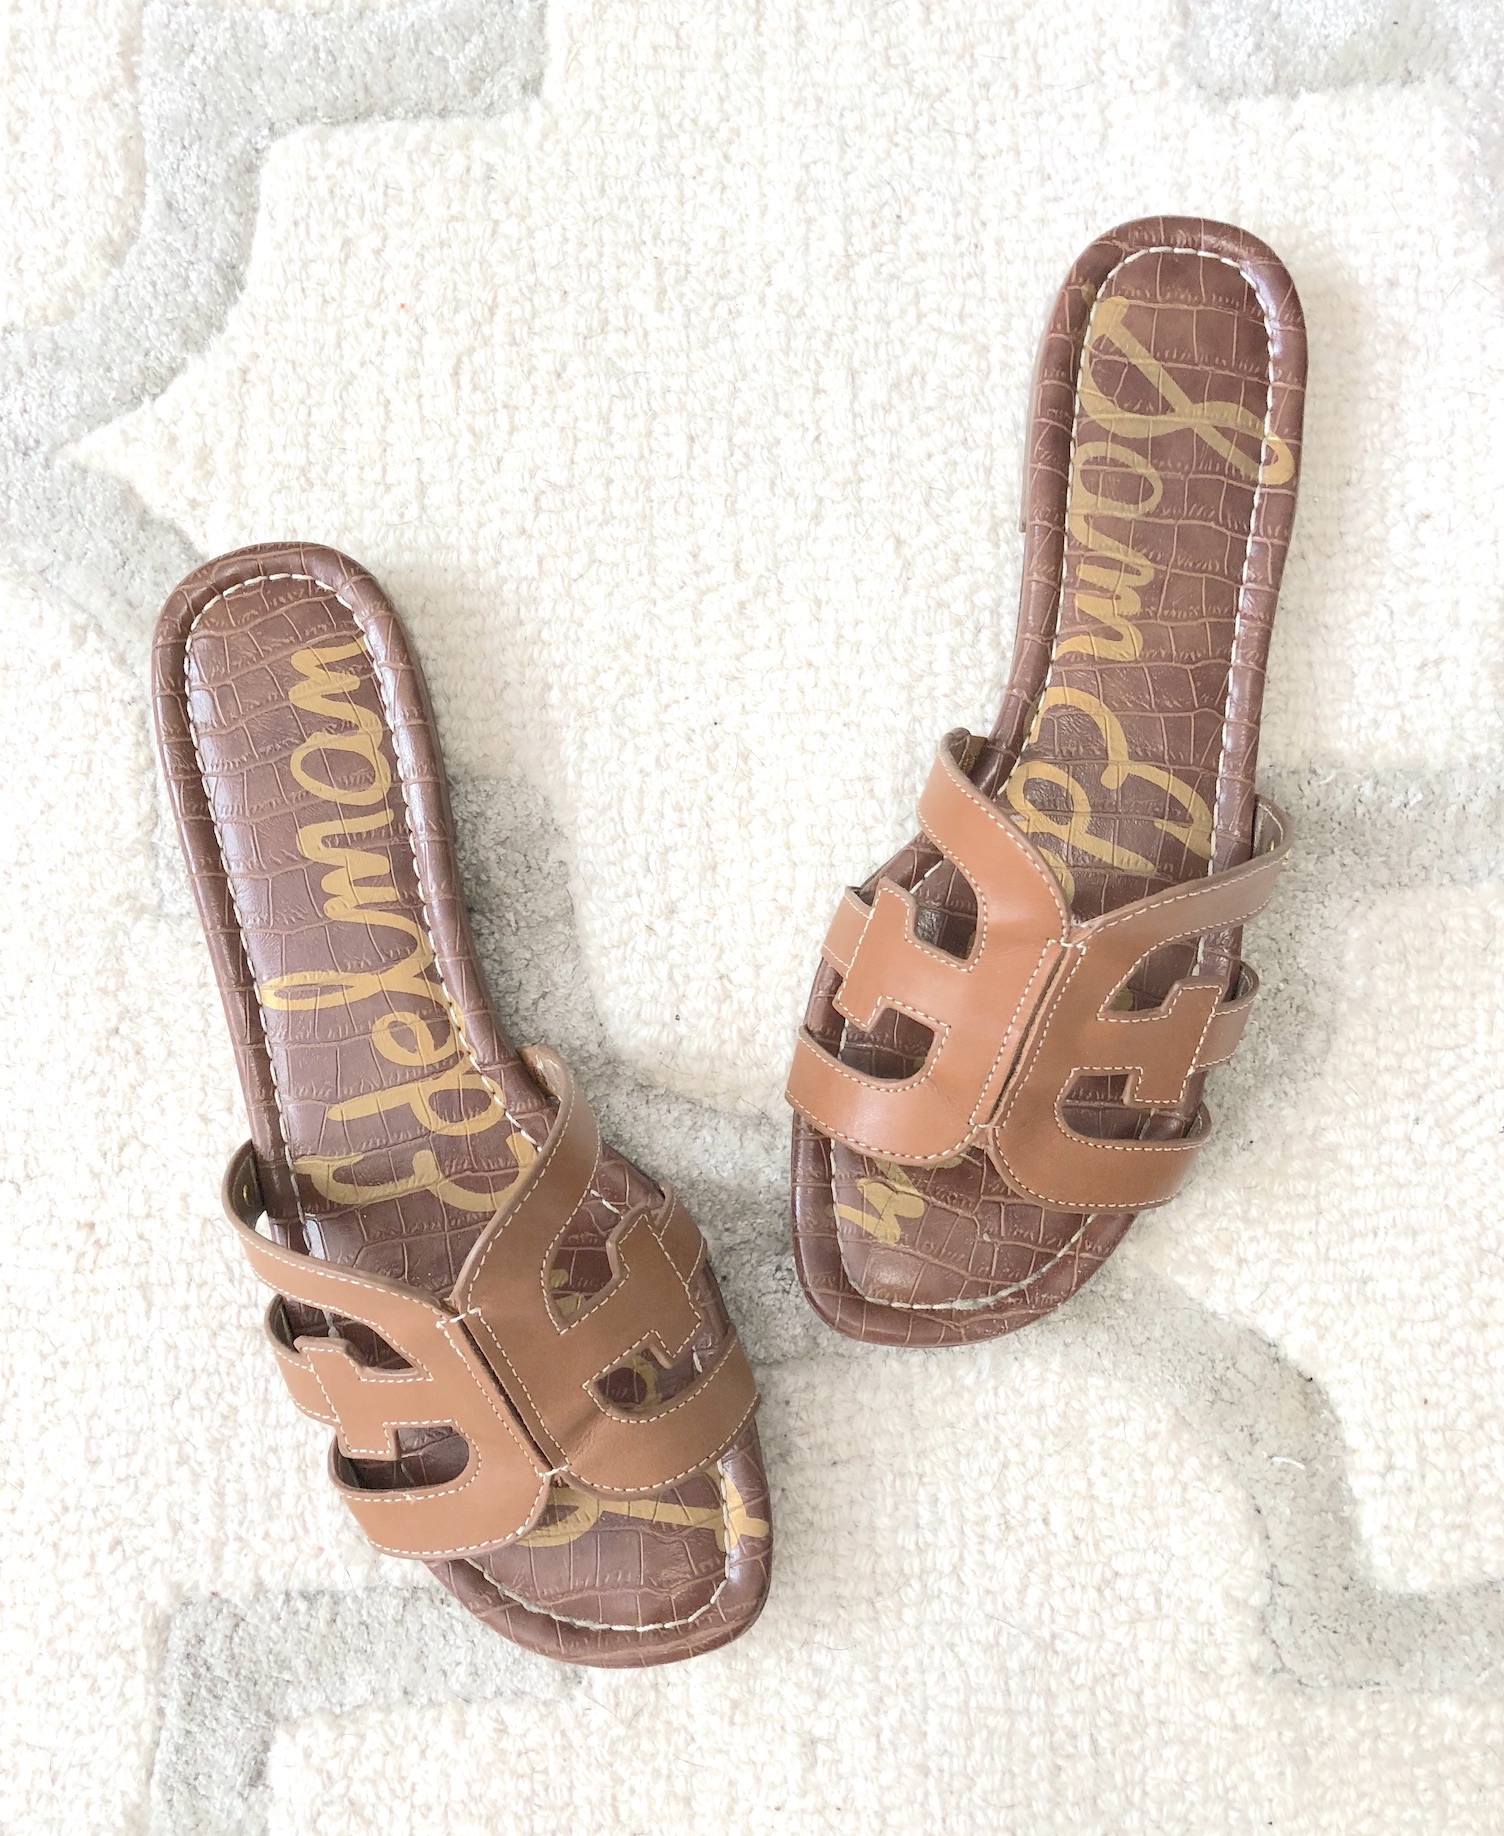 My Favorite Summer Sandals - Sam Edelman Bay Sandals